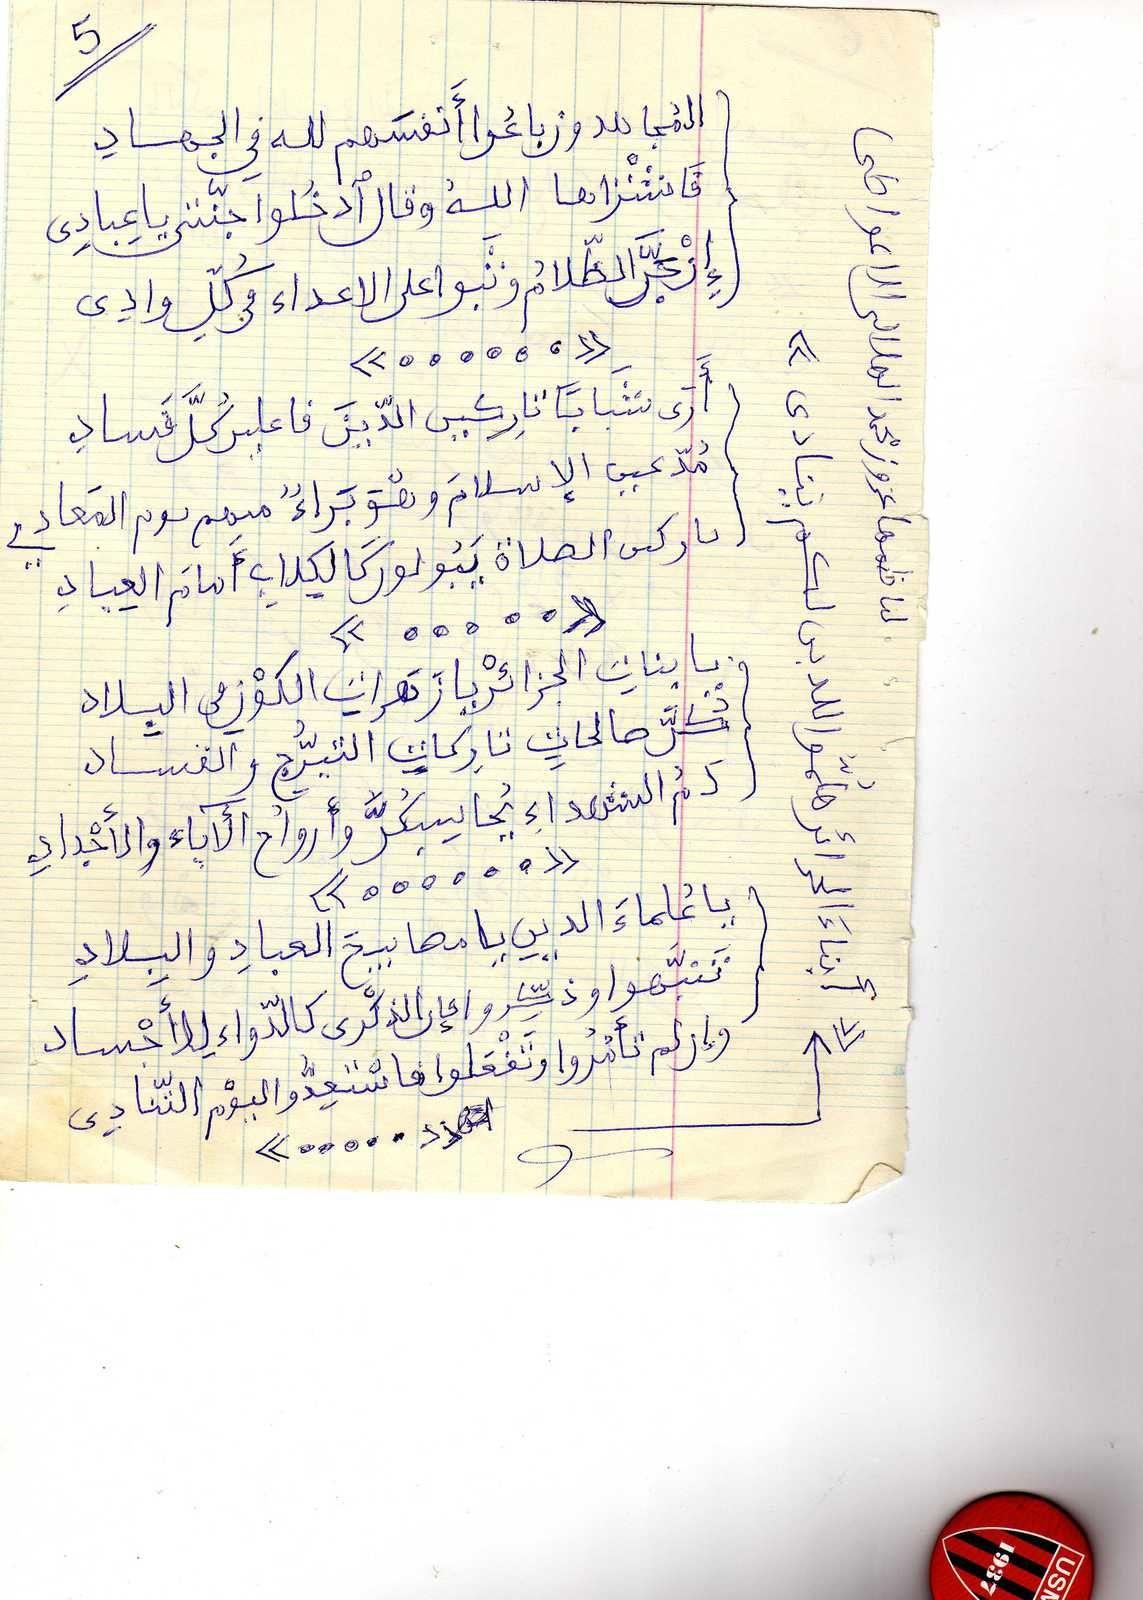 الشيخ محمد عزوز  الرائد في تعليم الناشئة عبر الاجيال  65 سنة متواصلة